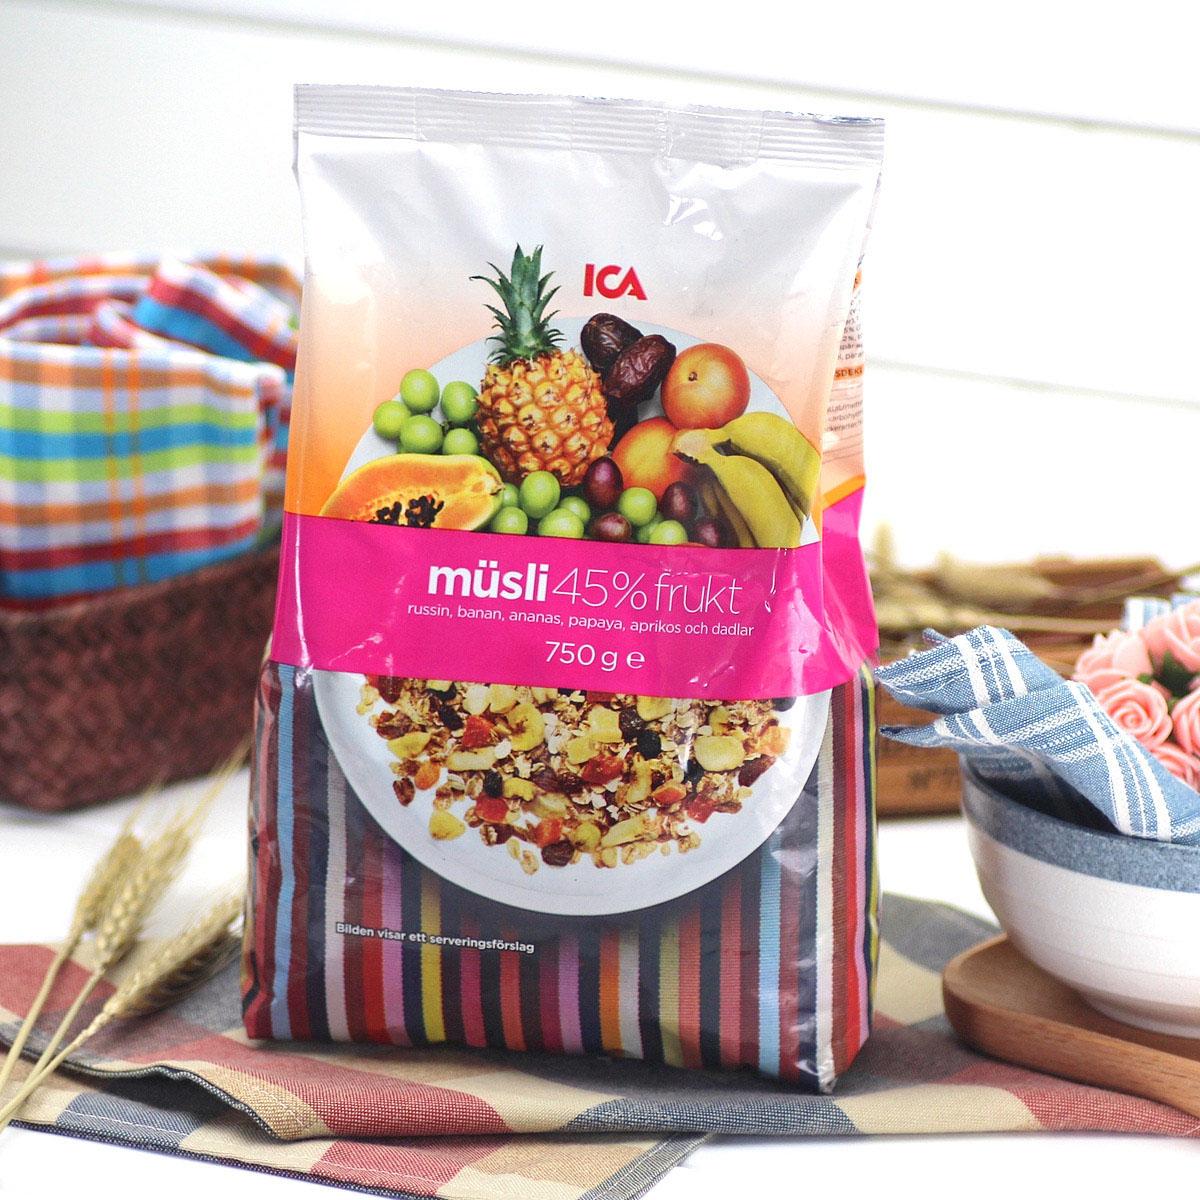 ICA瑞典进口早餐即食冲饮谷物燕麦片 4种口味